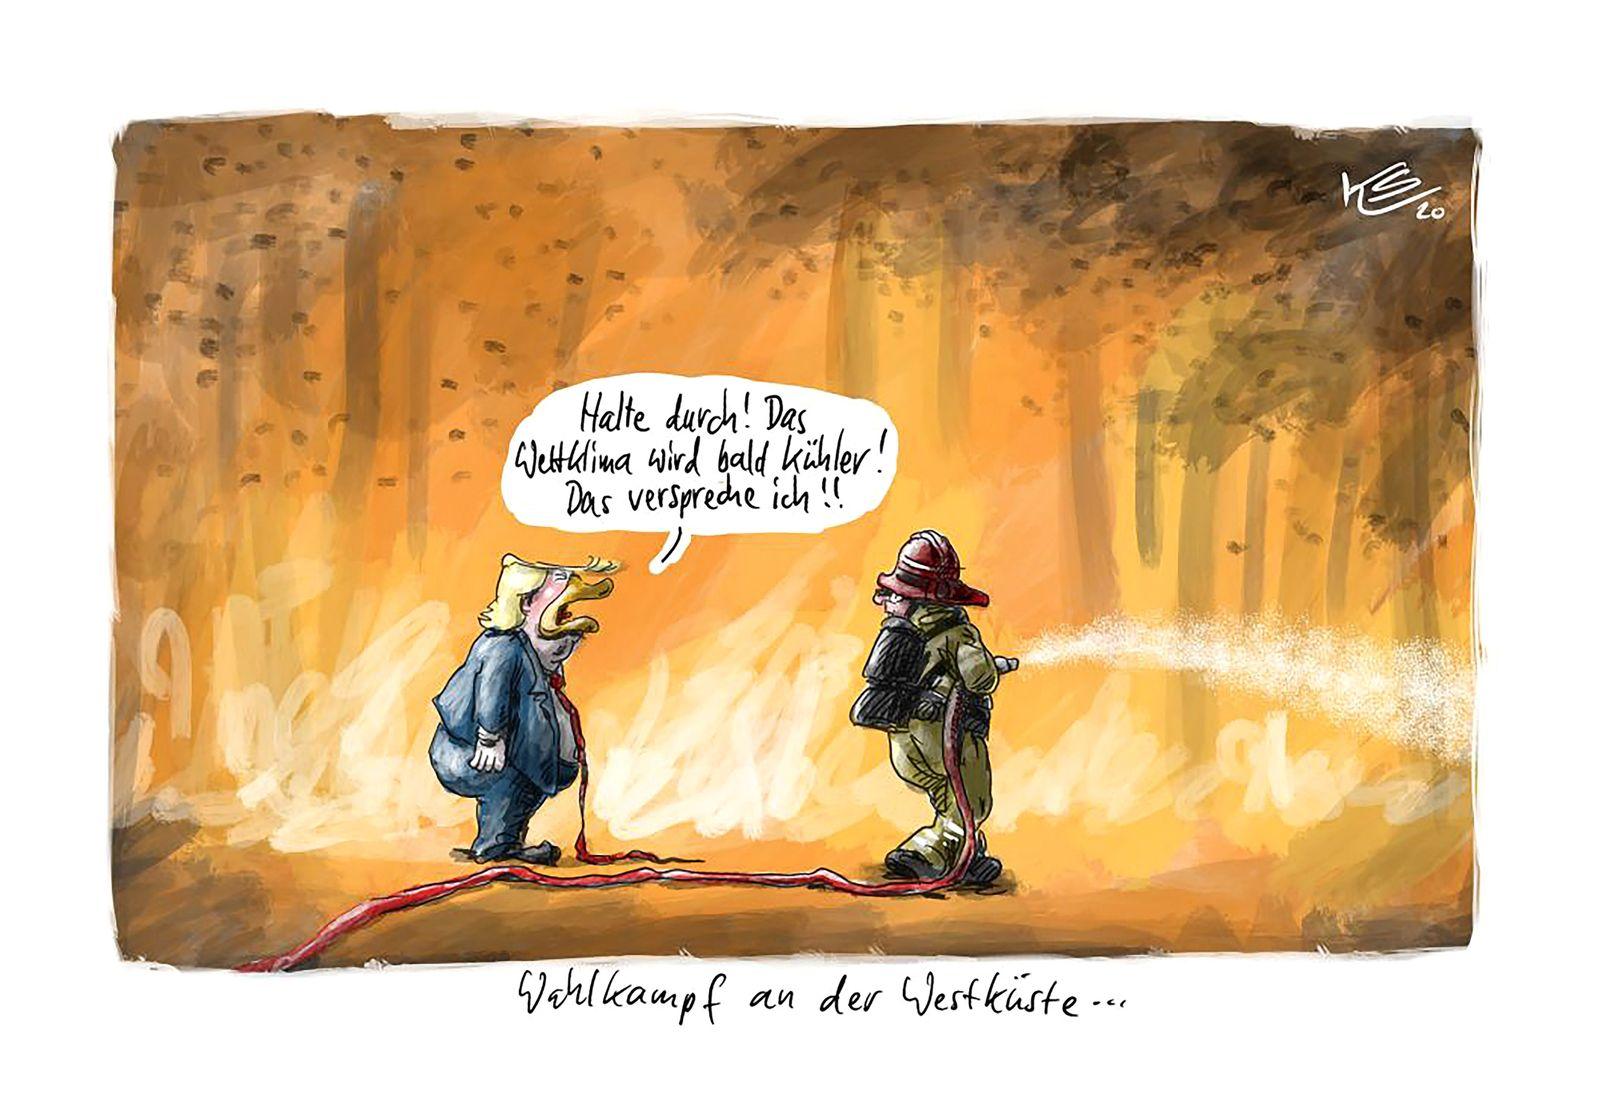 Cartoons/ 16.09.20